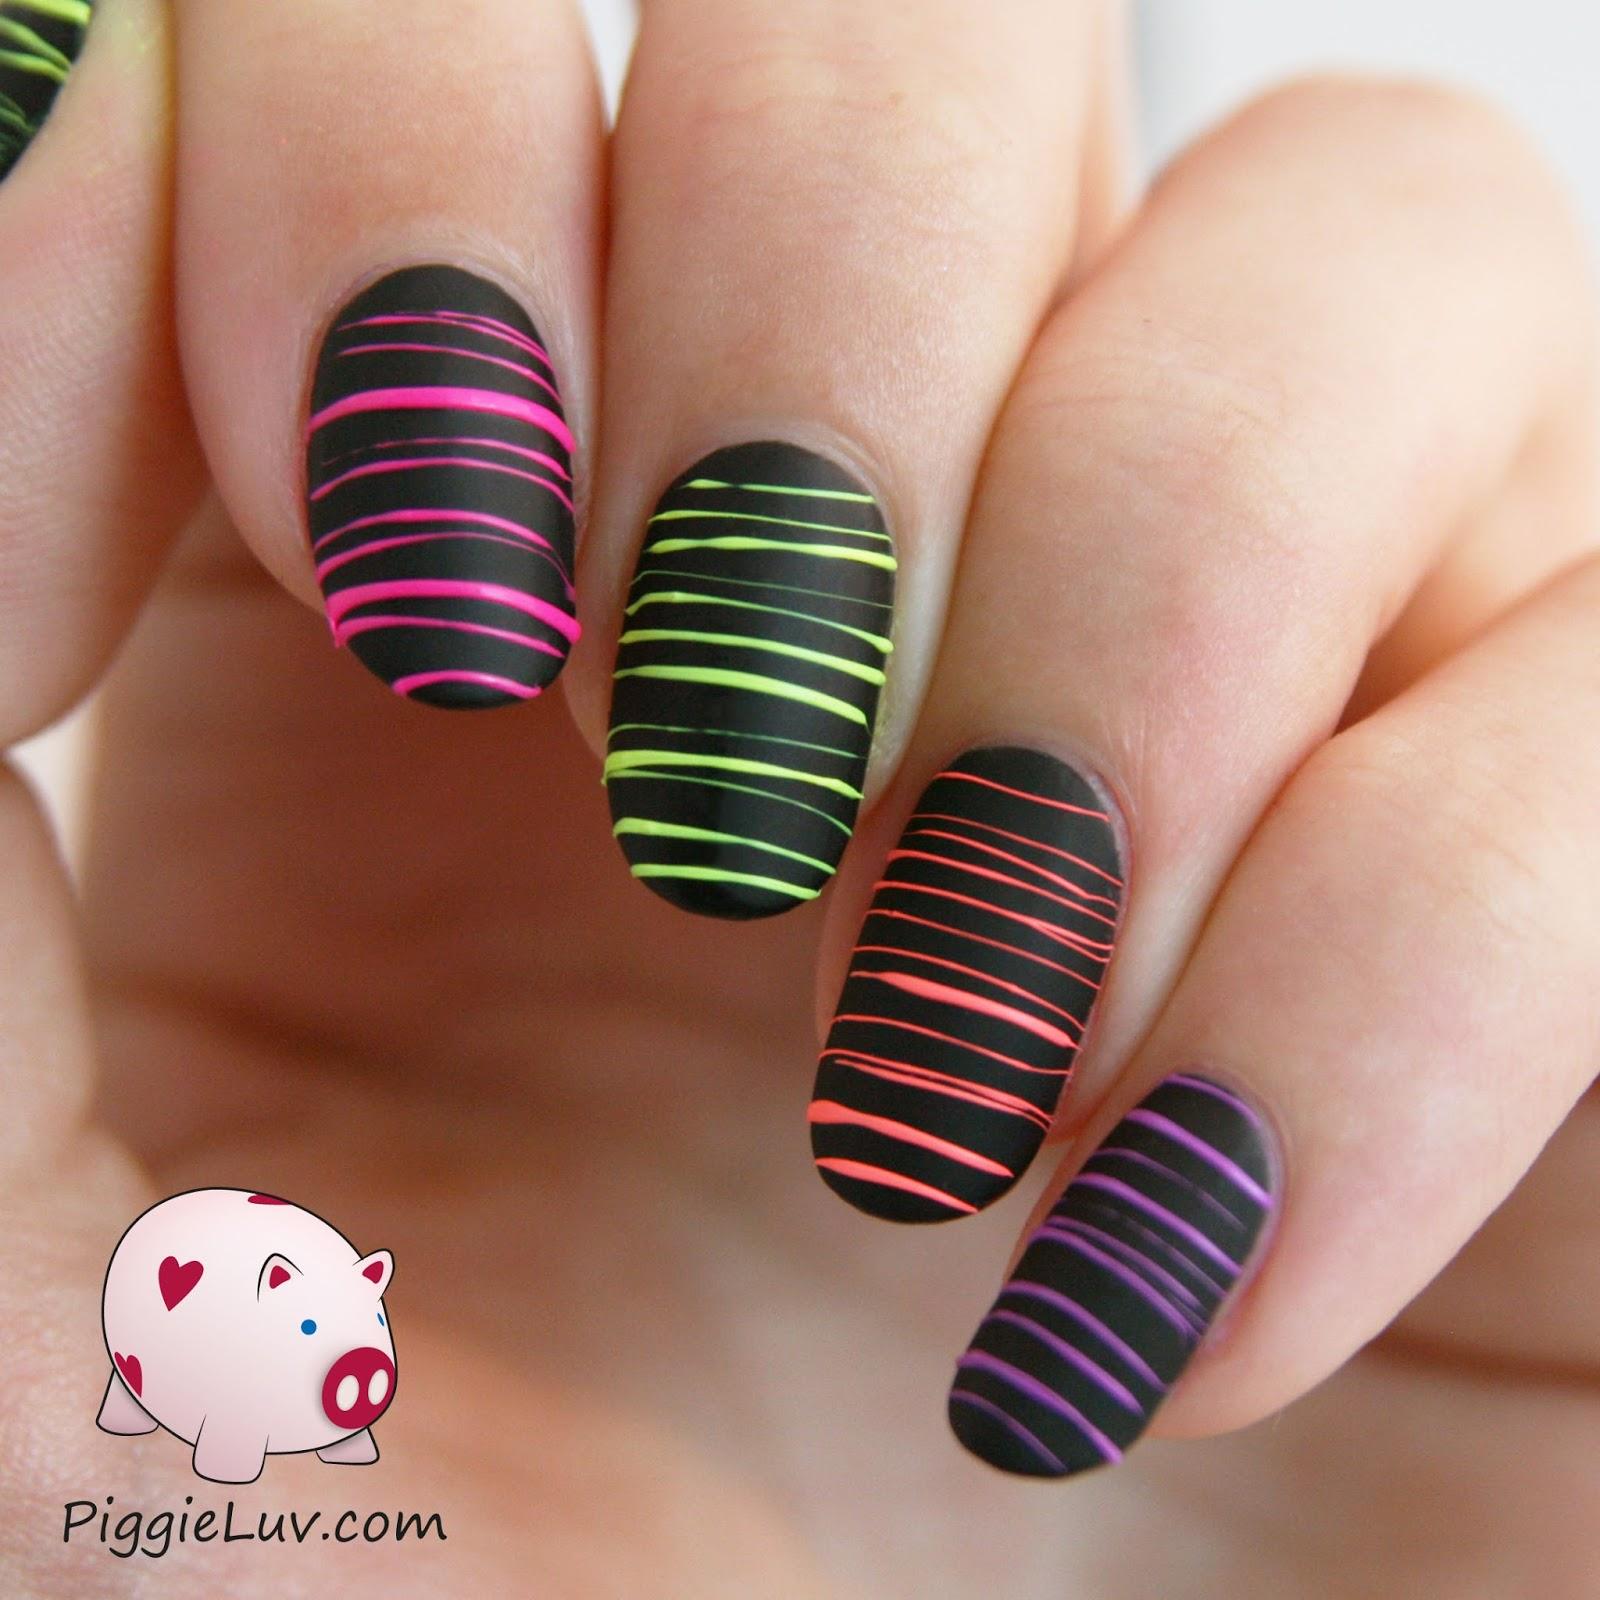 Piggieluv Rainbow Bubbles Nail Art: PiggieLuv: Video Tutorial: Neon Sugar Spun Nail Art